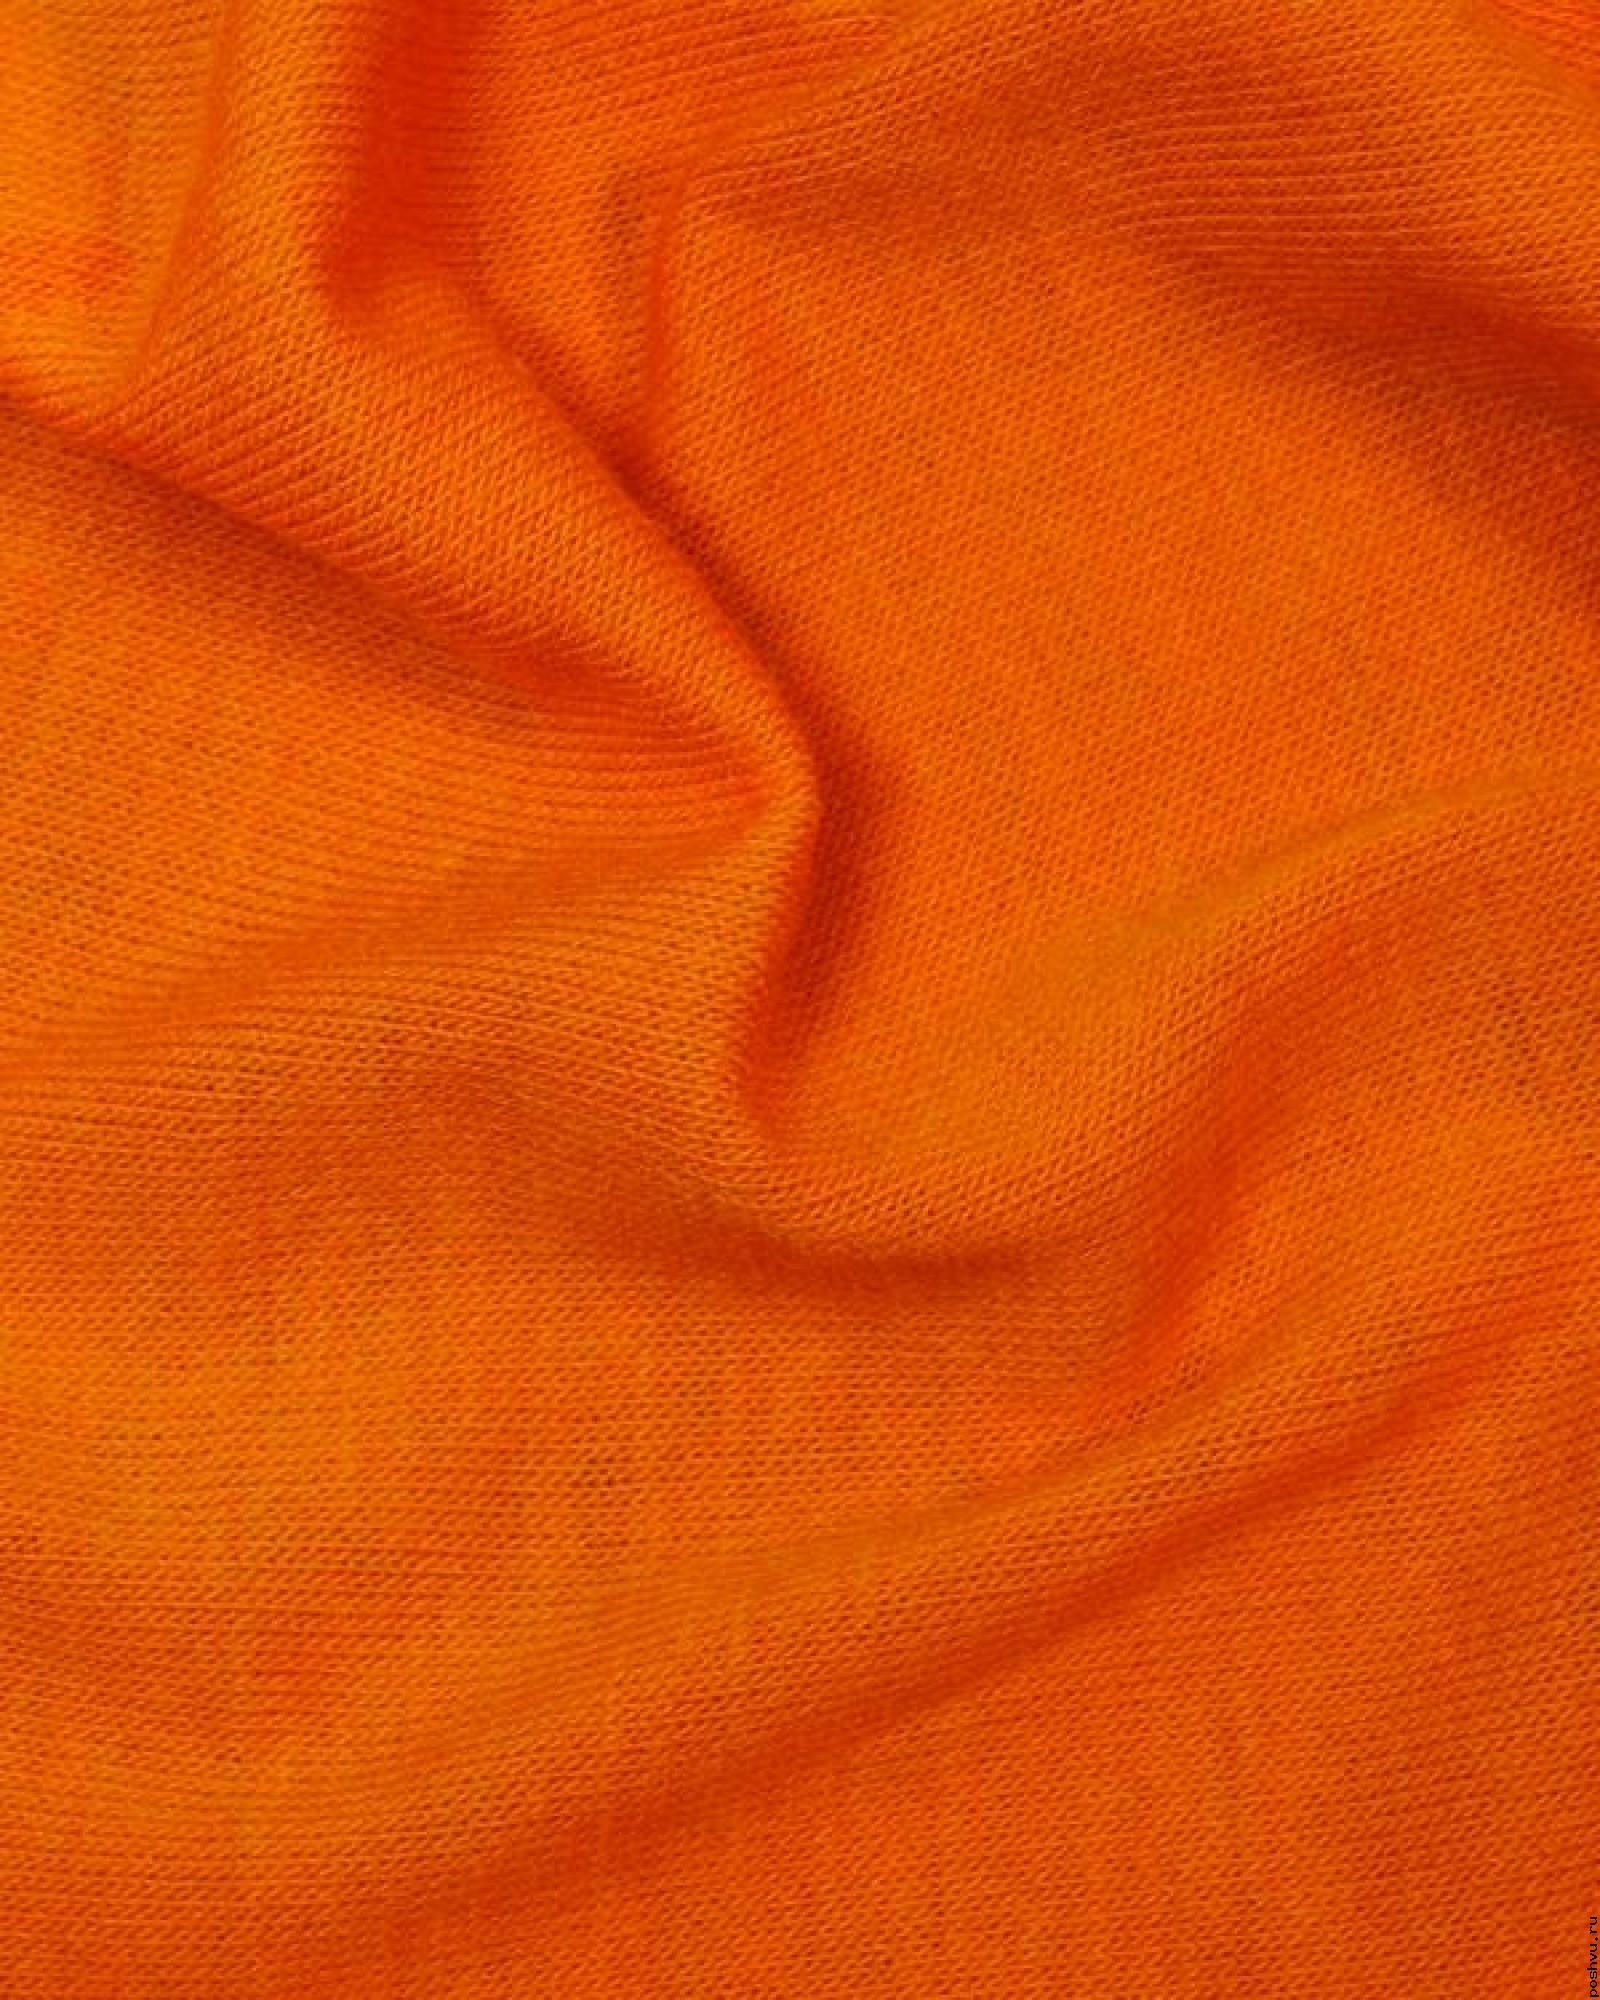 Трикотаж масло оранжевый ткани кутюр купить